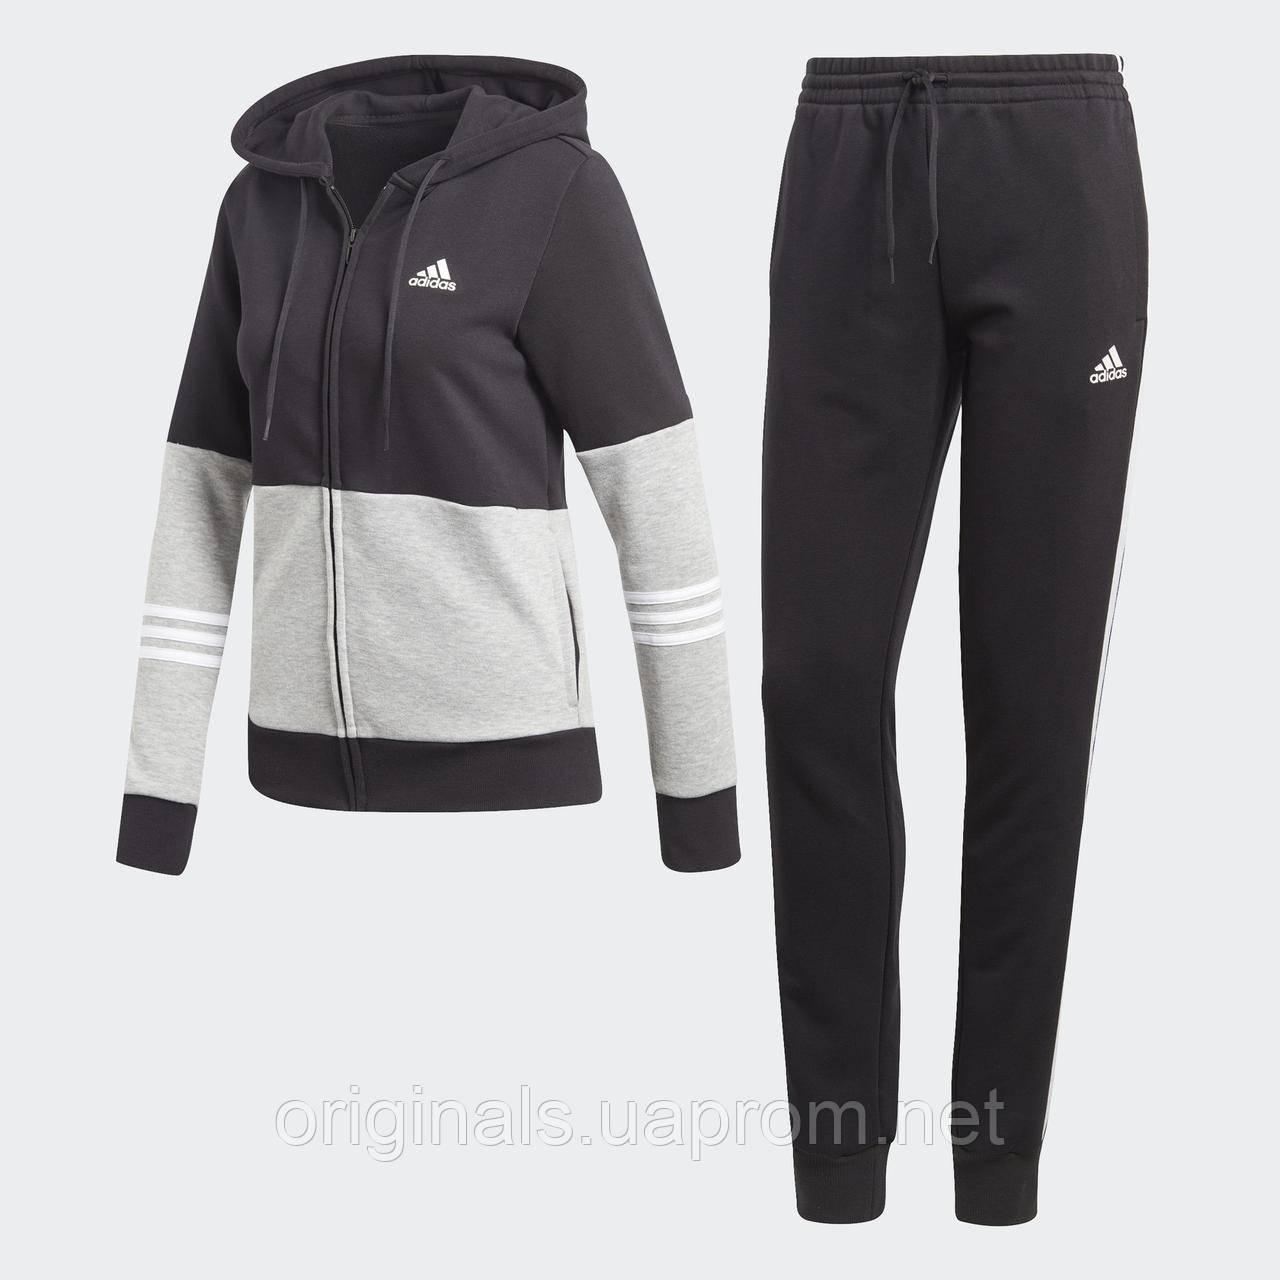 08266721 Спортивный костюм Adidas Cotton Energize DX0767 - 2019 - интернет-магазин  Originals - Оригинальный Адидас